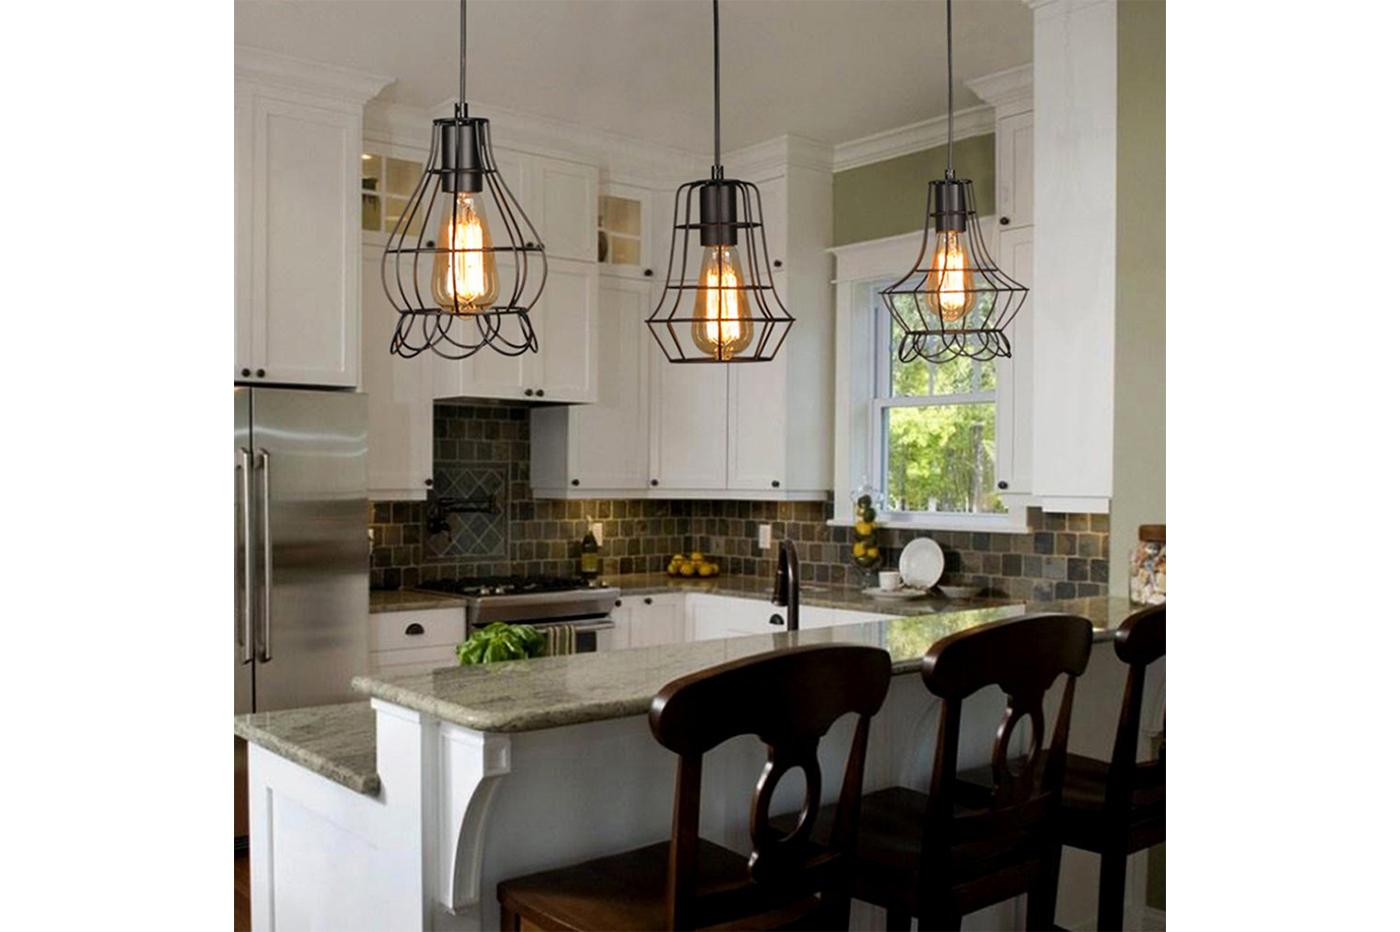 Lampadari Per Casa Al Mare lampadario gabbia in metallo industriale retro e27 pendente vintage ty003